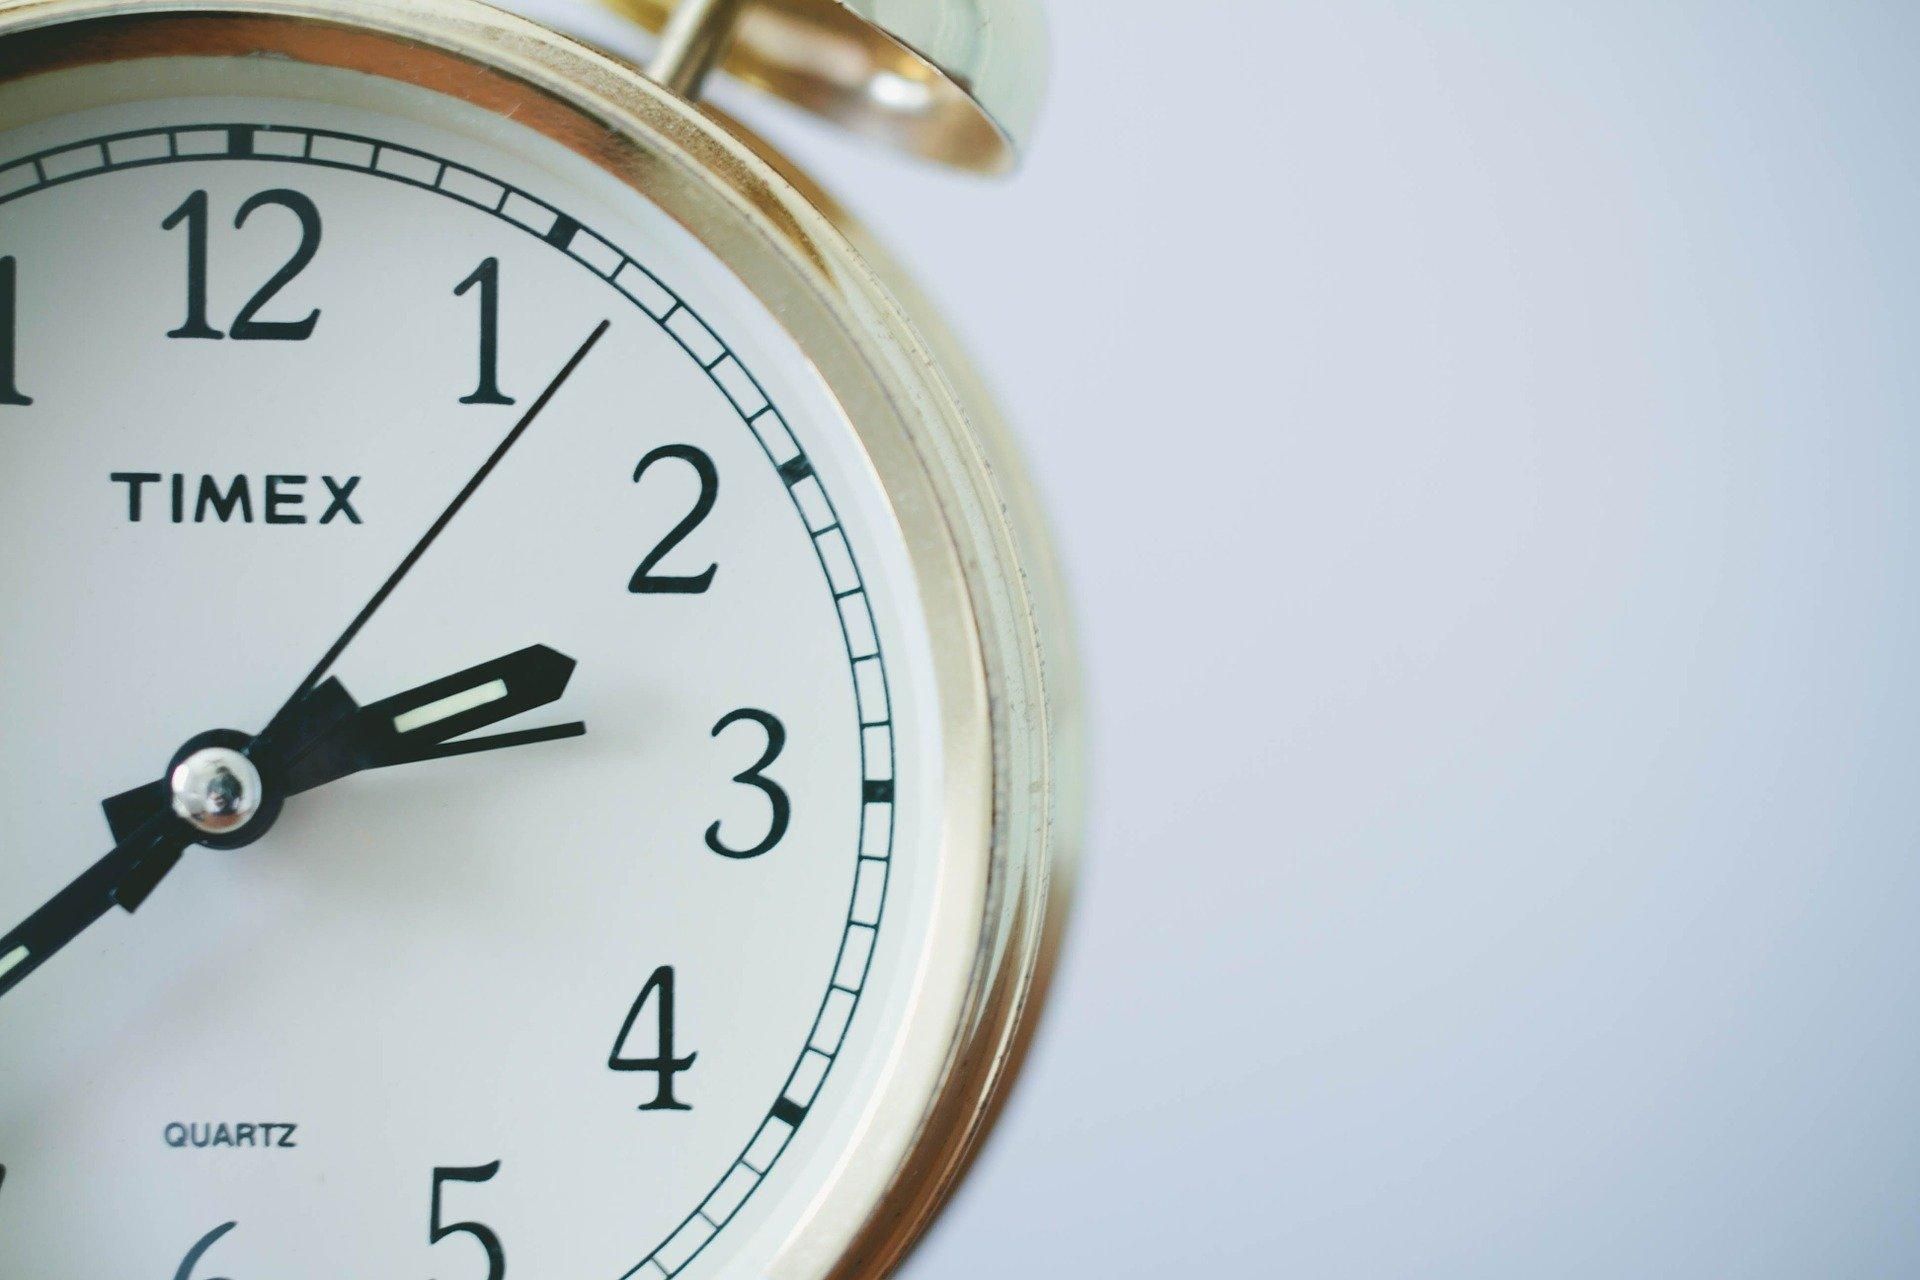 Services État civil et Population – Adaptation des horaires d'ouverture pendant la crise Covid-19